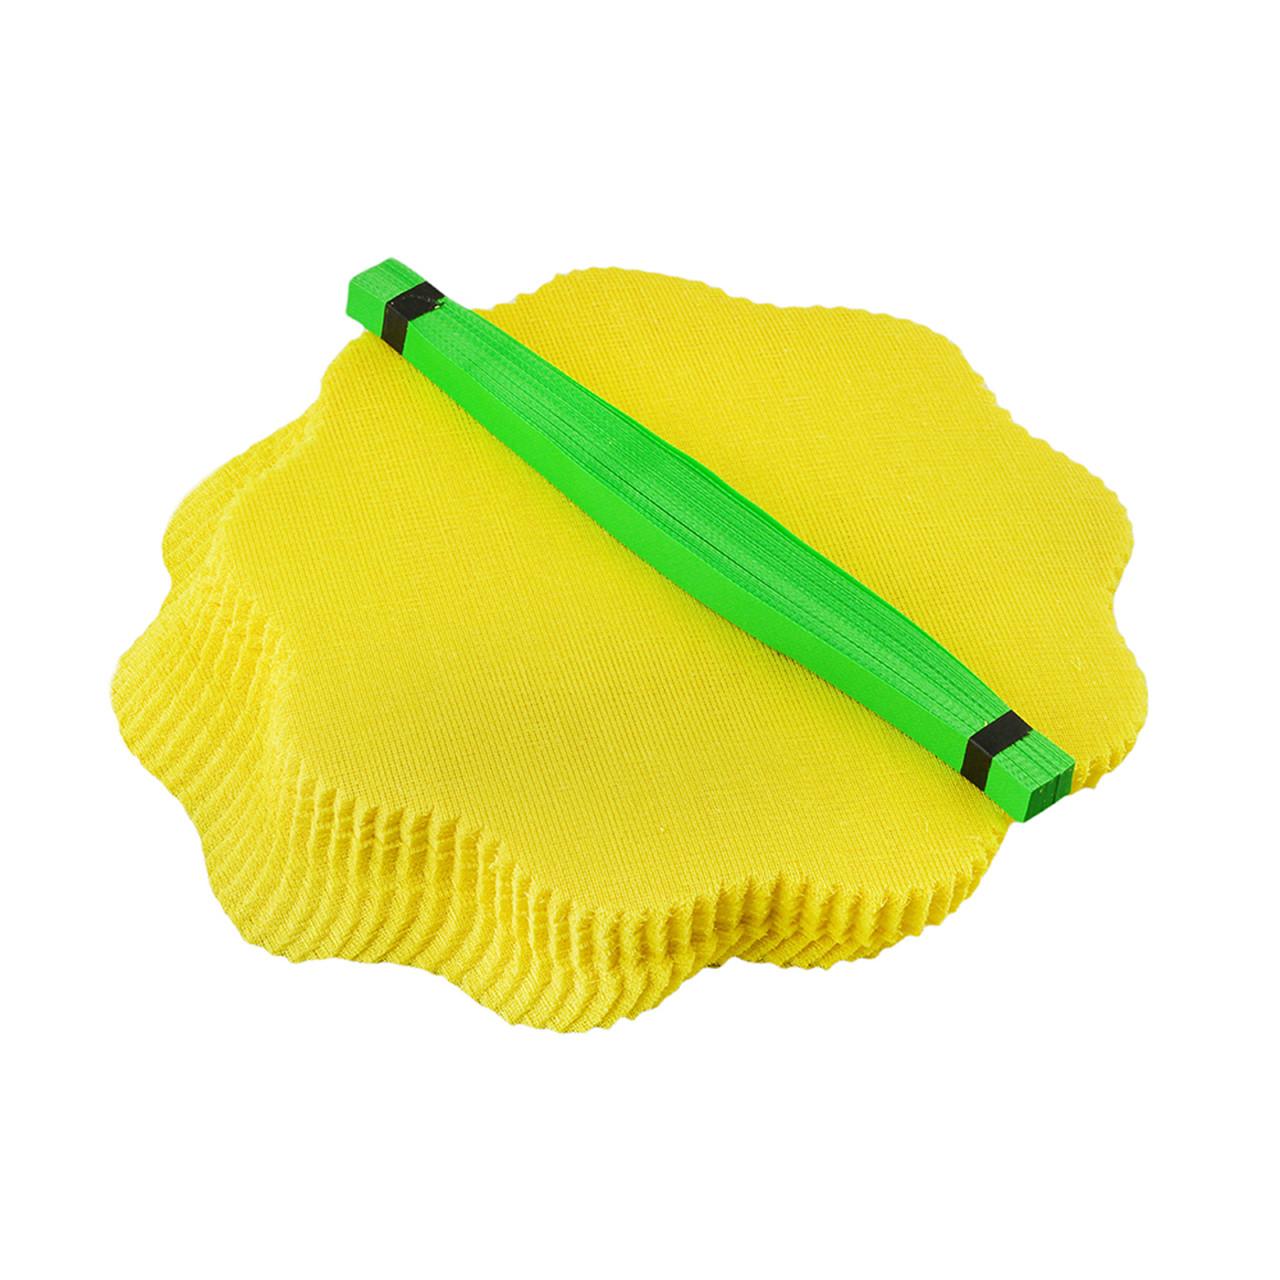 Марля для отжима лимона с зеленой лентой,100 шт